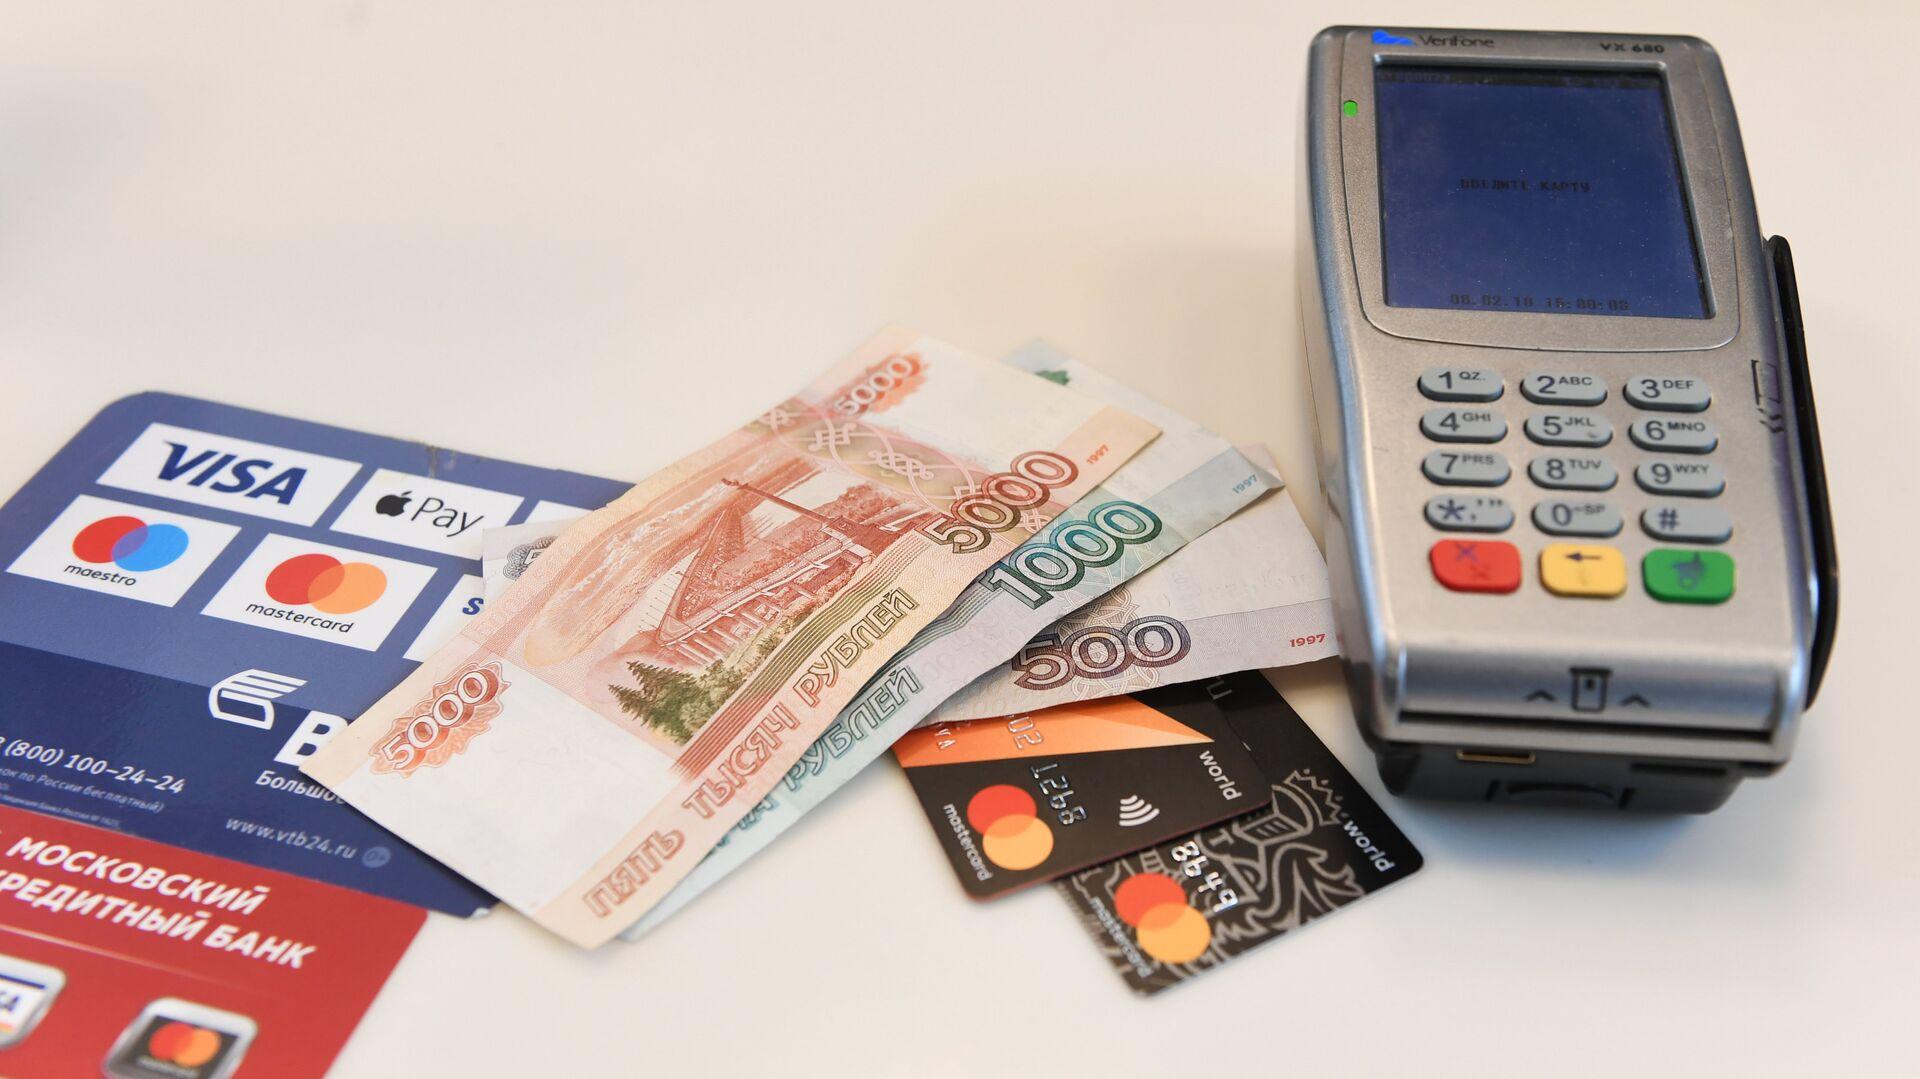 Юрист рассказал, как вернуть совершенный по ошибке денежный перевод